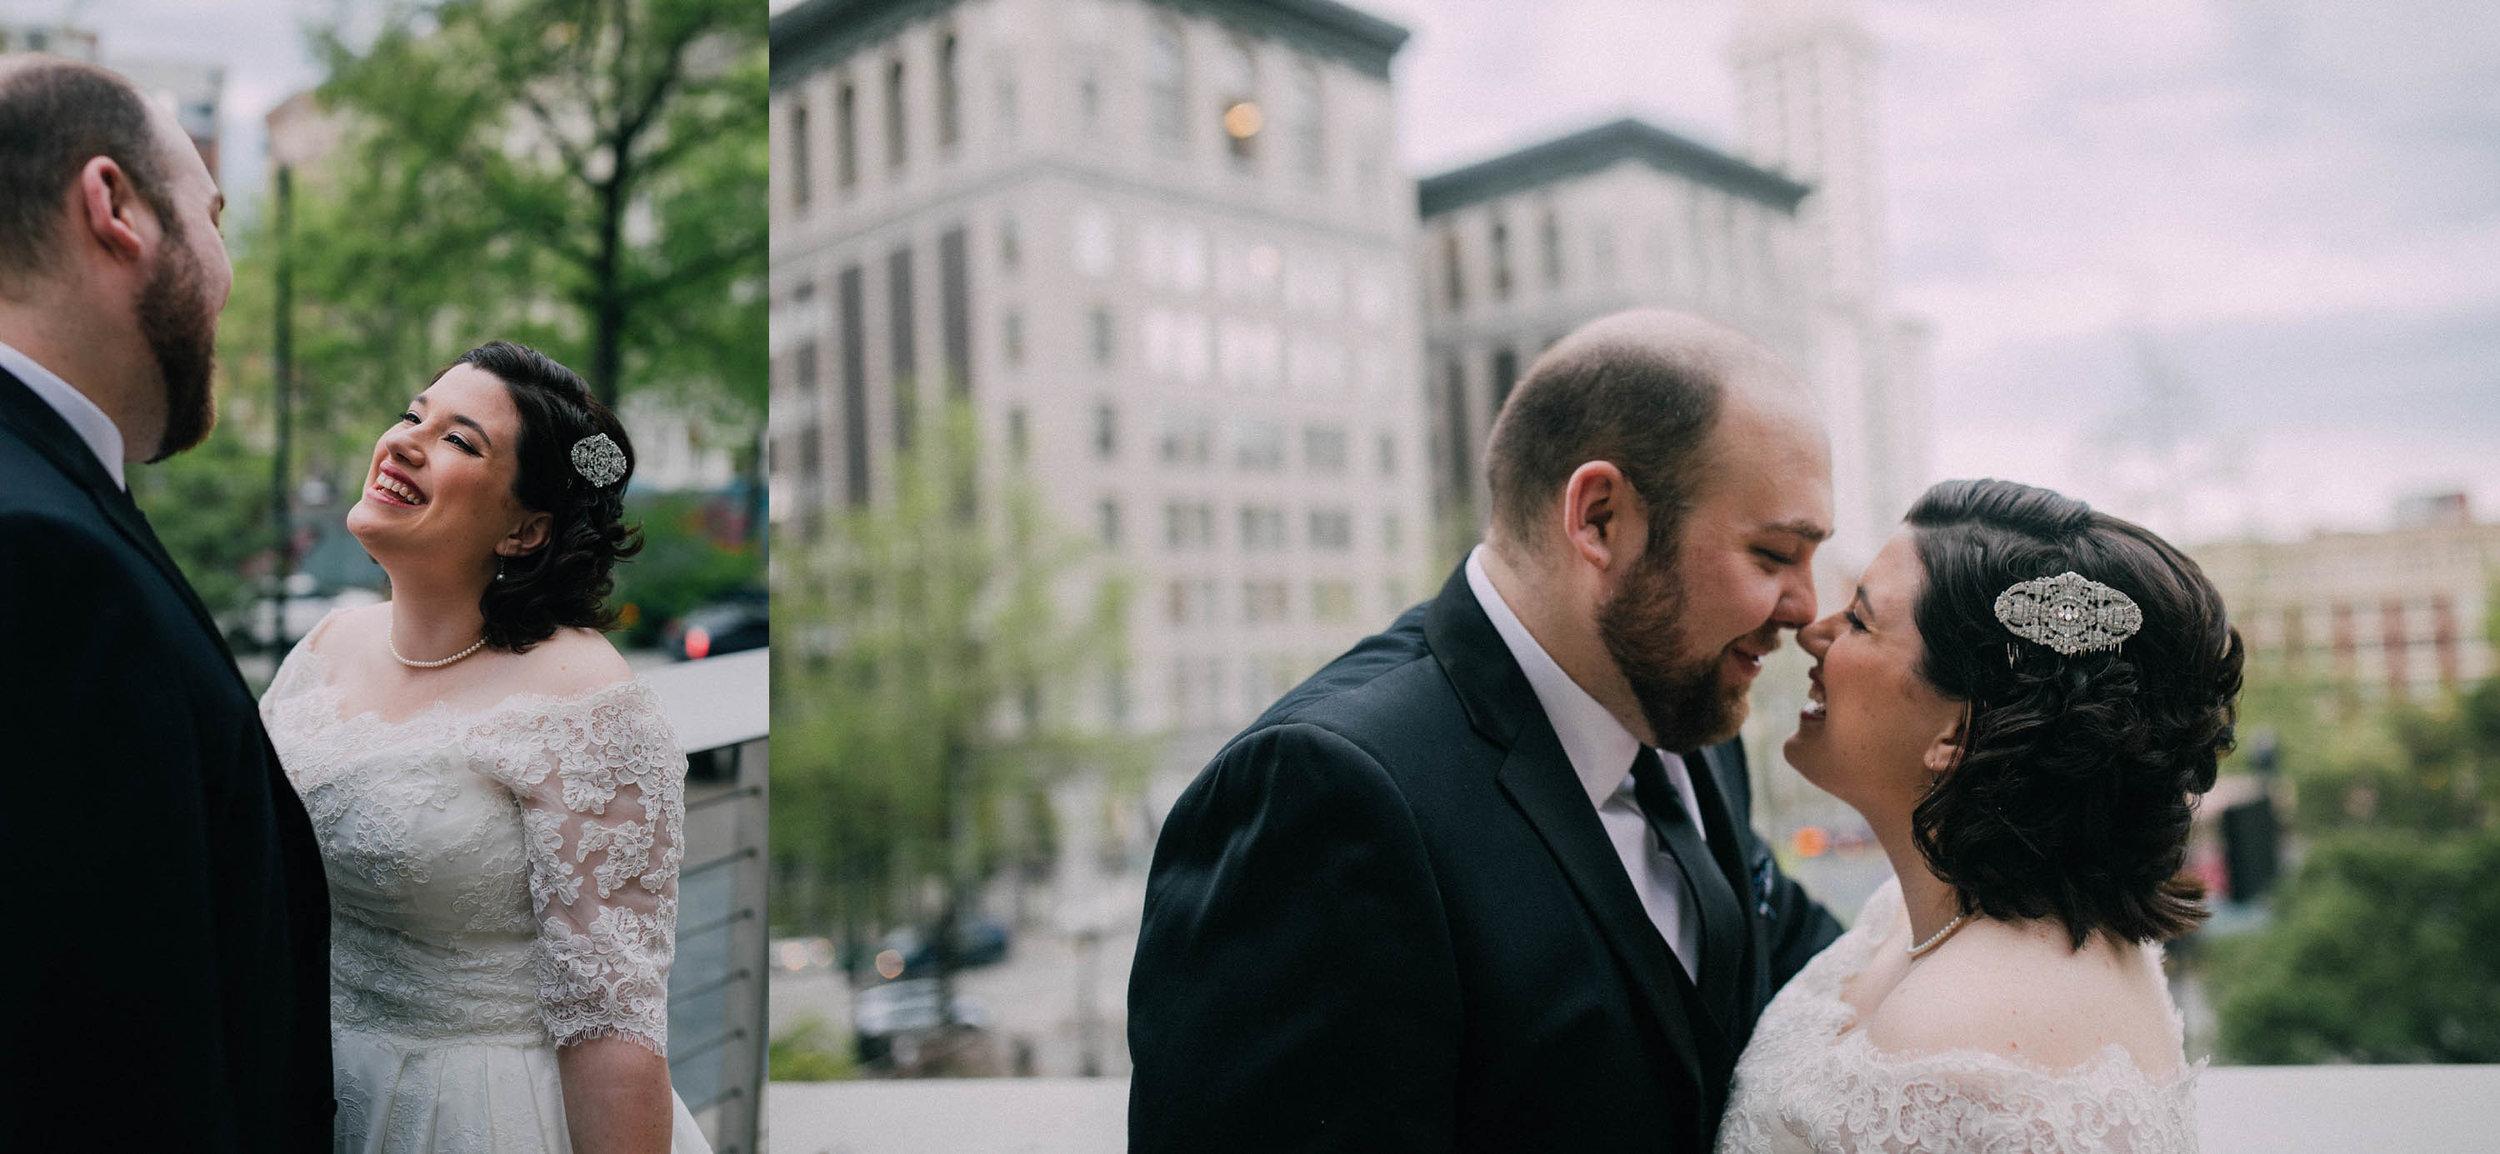 seattle washington courthouse wedding photographer elopement photographer-93.jpg